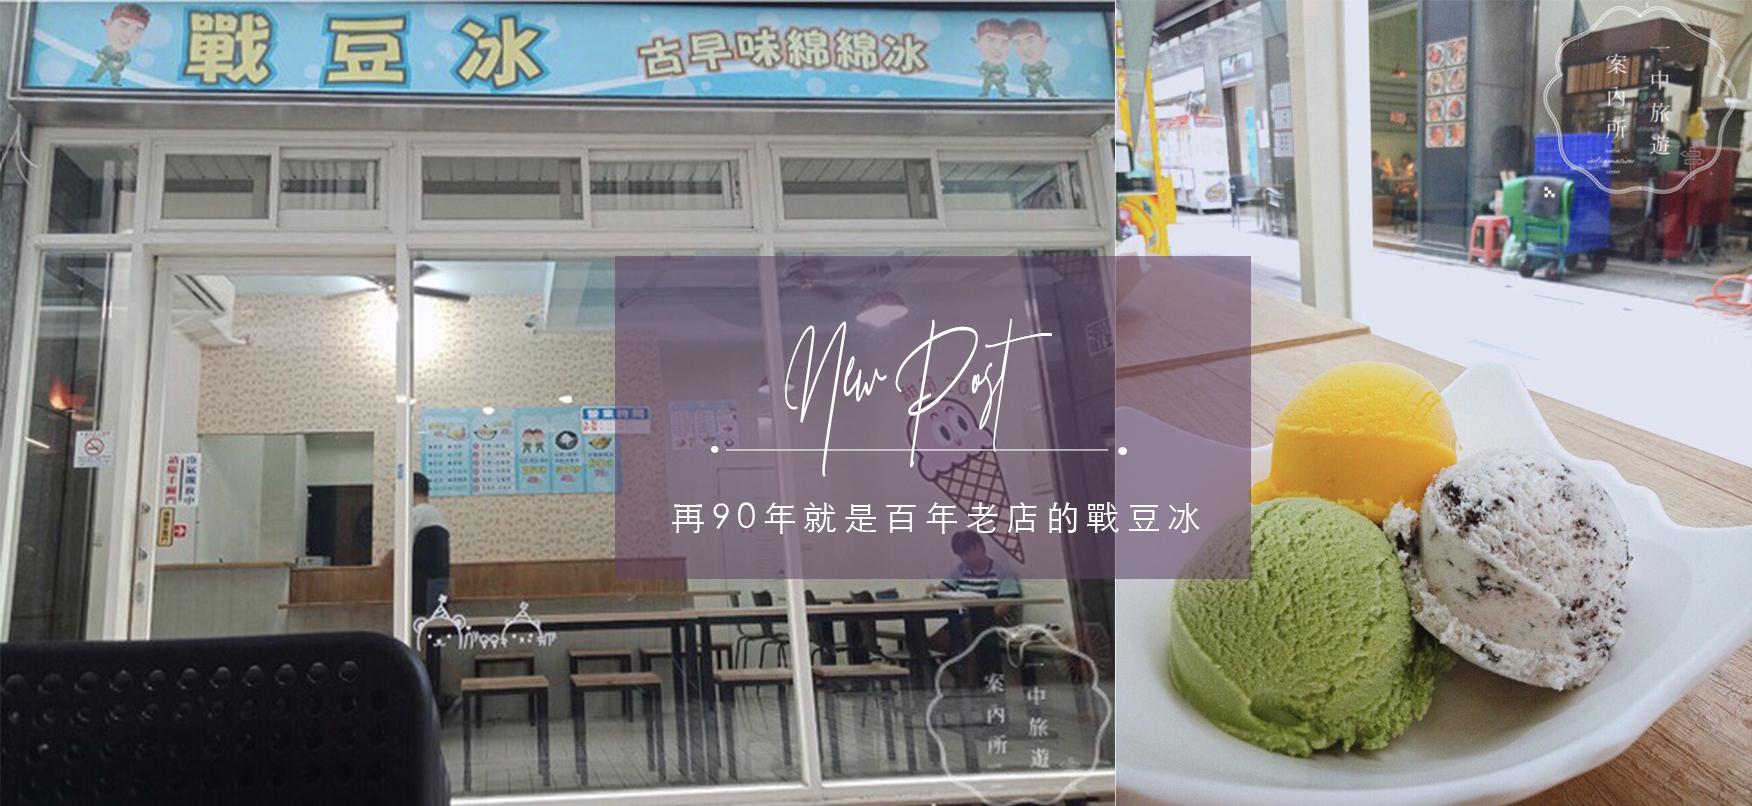 戰豆冰 超高cp值平價冰品,夏日消暑的好選擇!